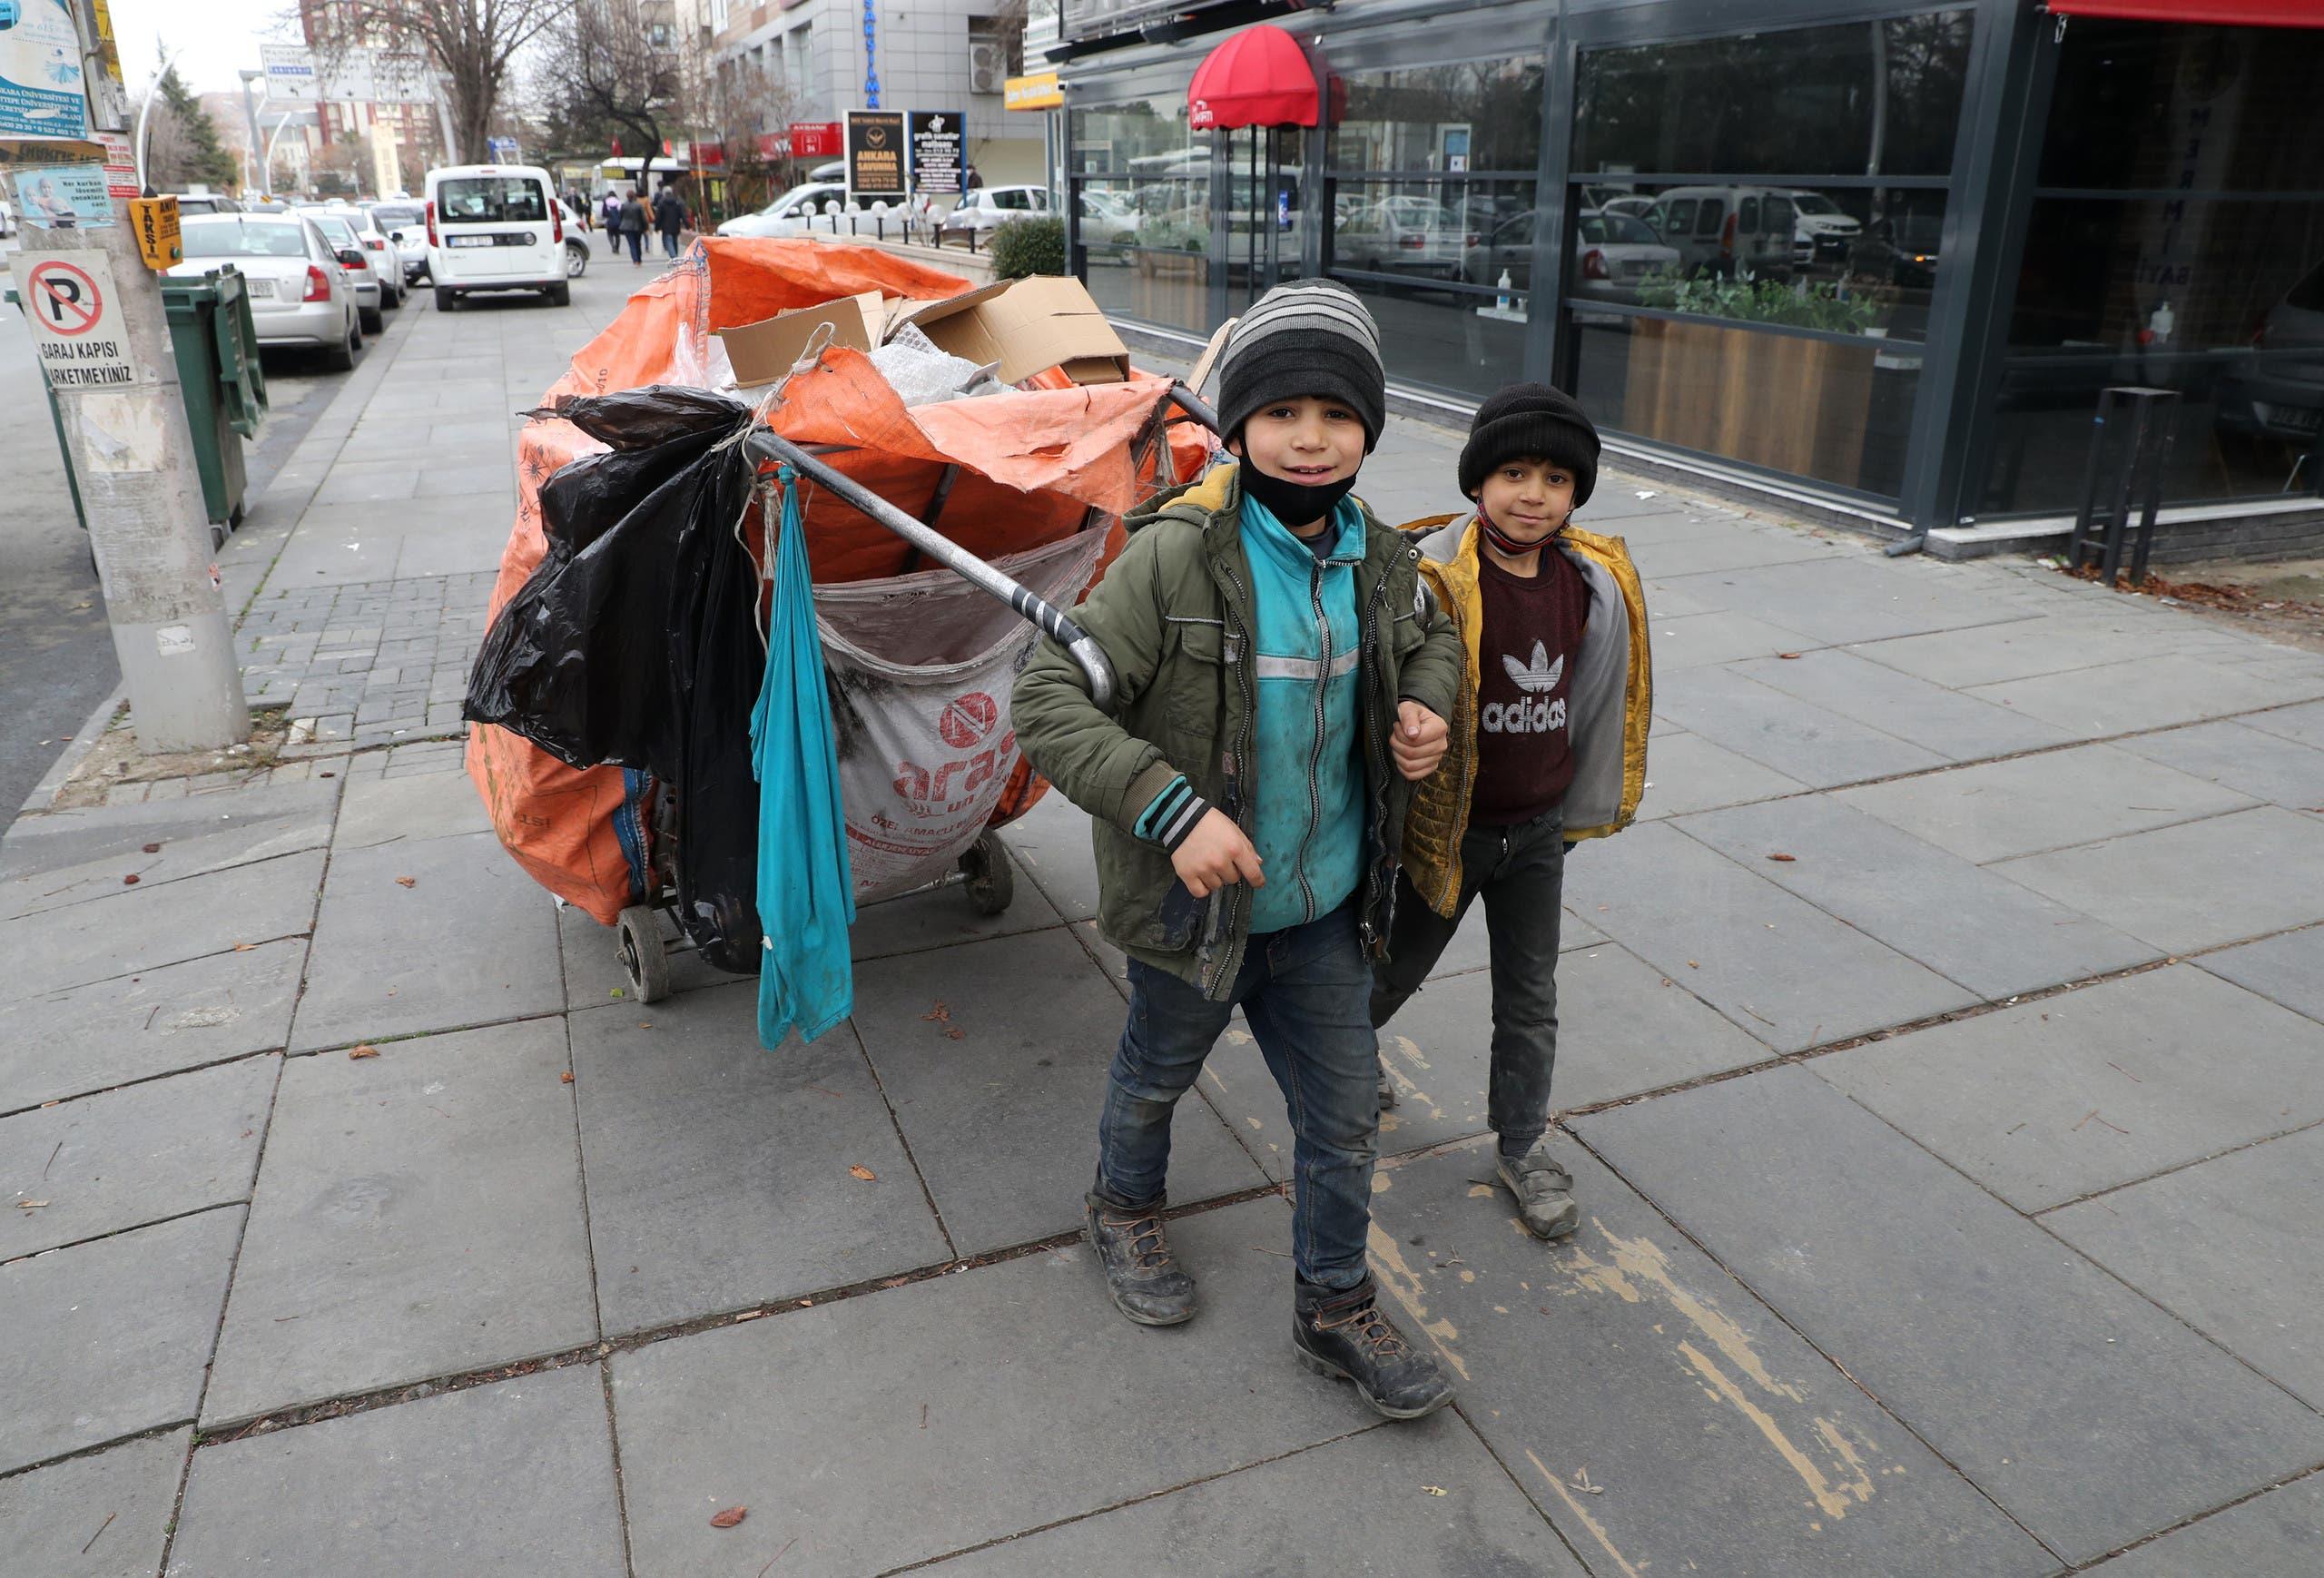 دو کودک در آنکارا زباله جمع می کنند